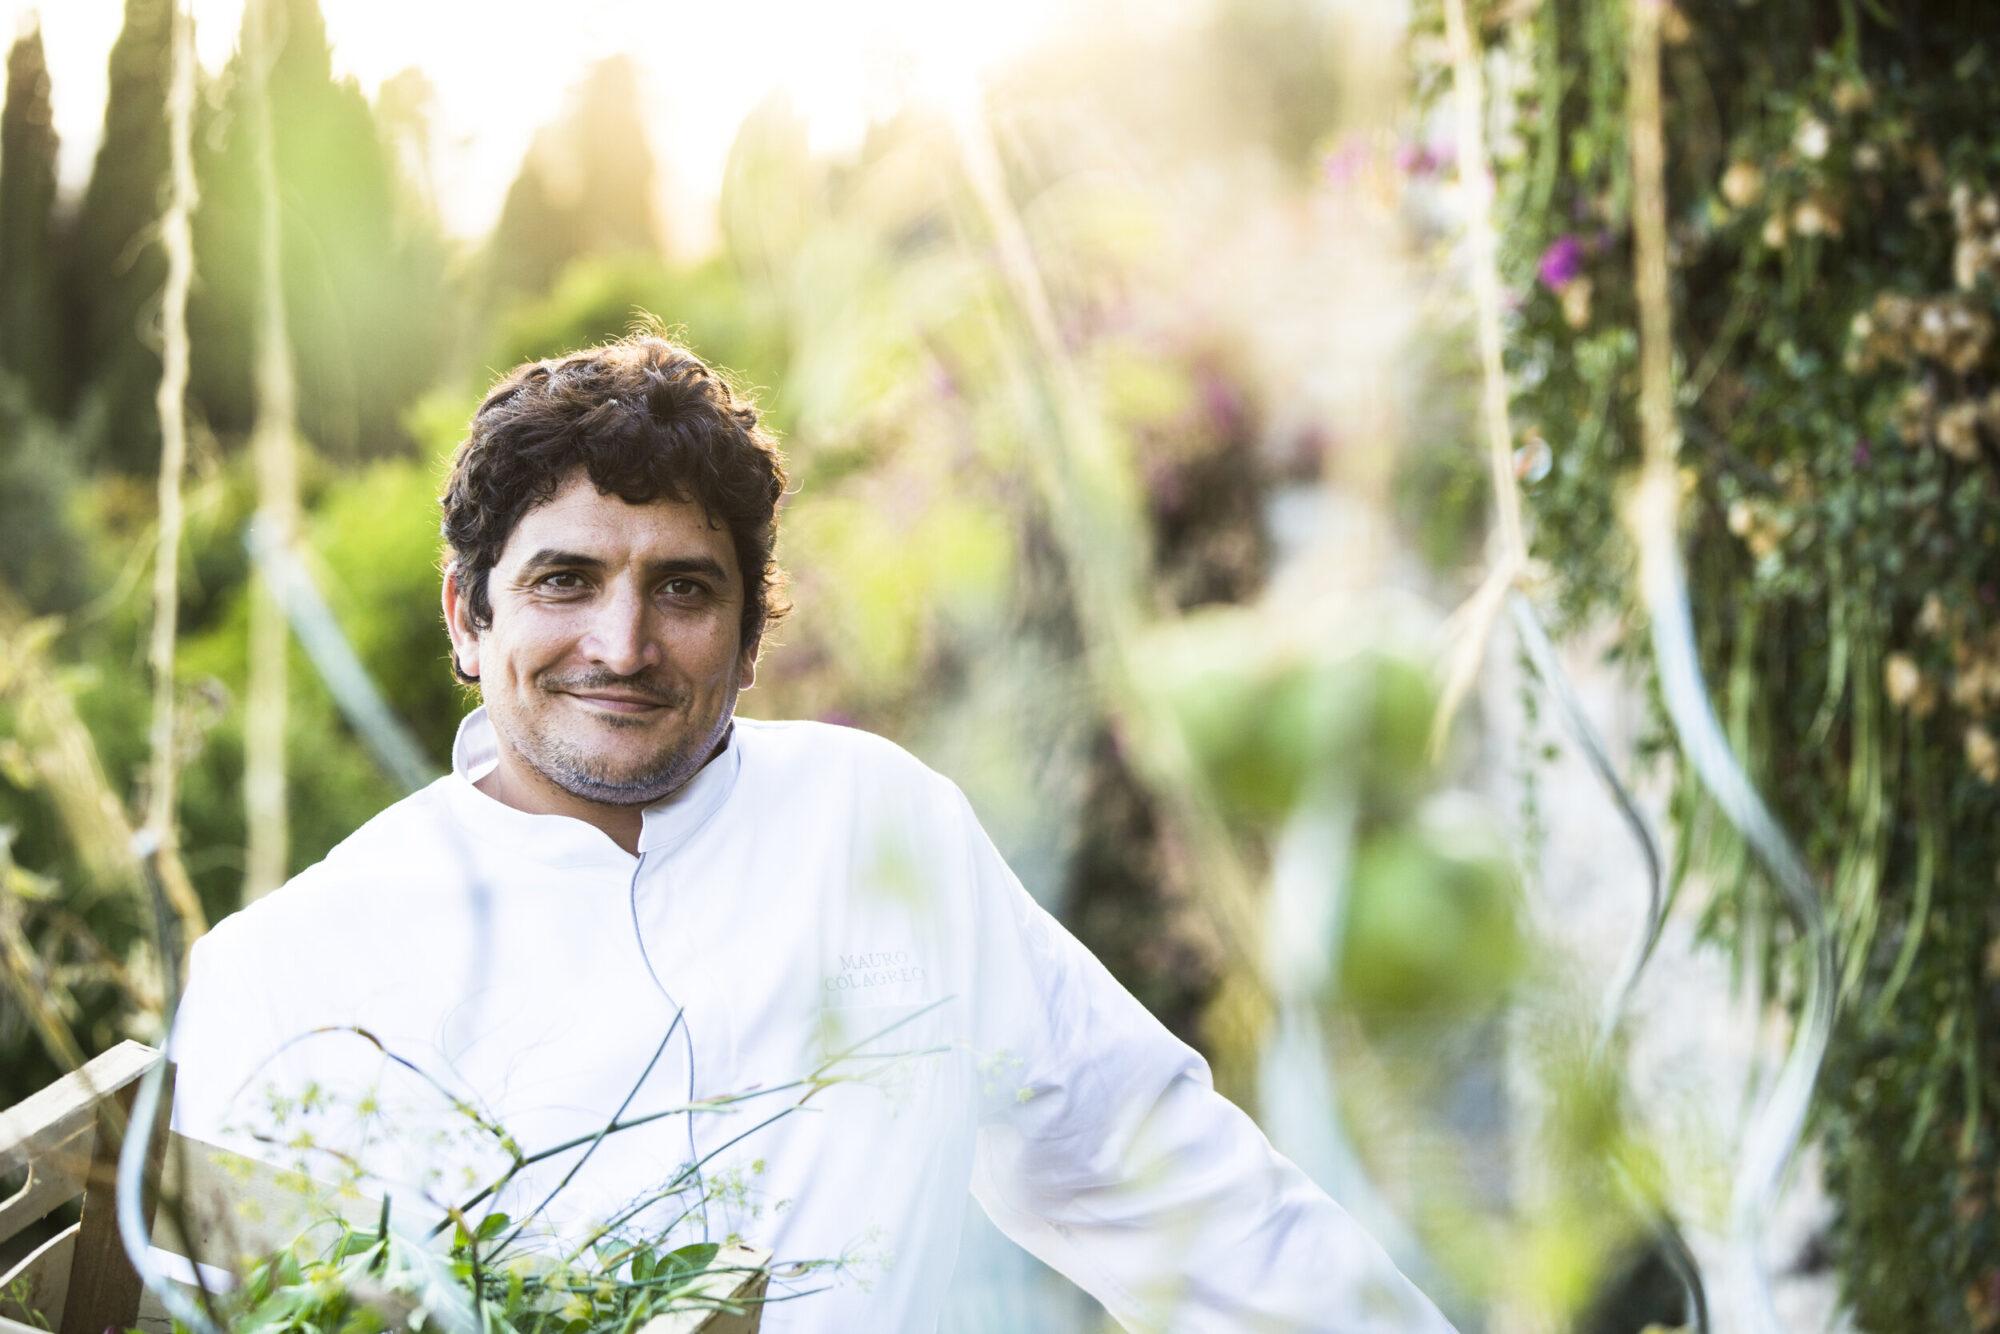 Chef Mauro Colagreco of the 3-star Michelin restaurant Mirazur in Menton, France